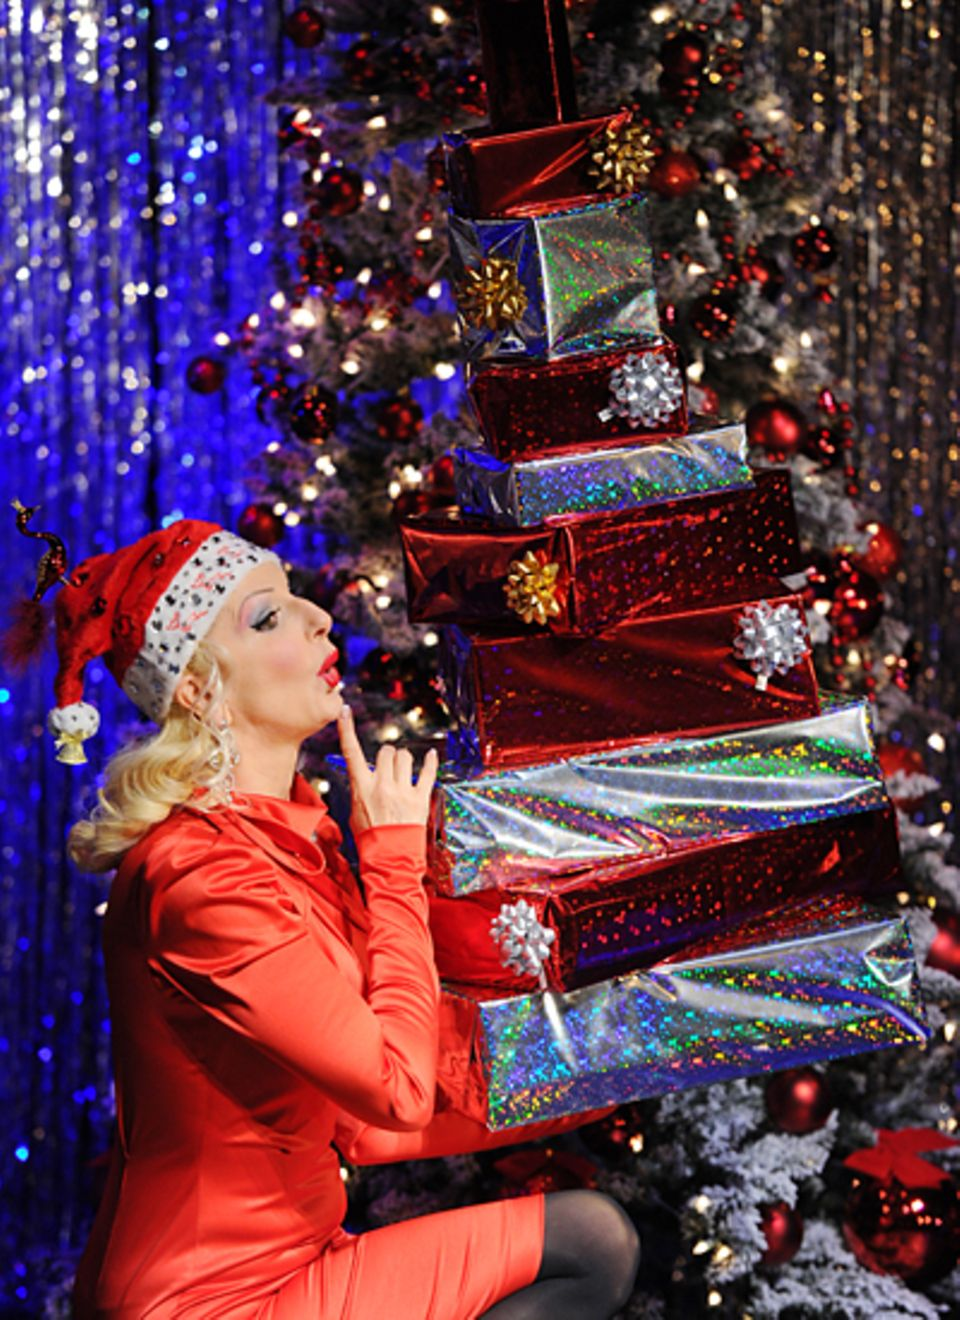 """Im weihnachtlichen Outfit und mit einer Menge Geschenke im Arm macht Entertainerin Desiree Nick Werbung für ihre neue Show """"Stan"""